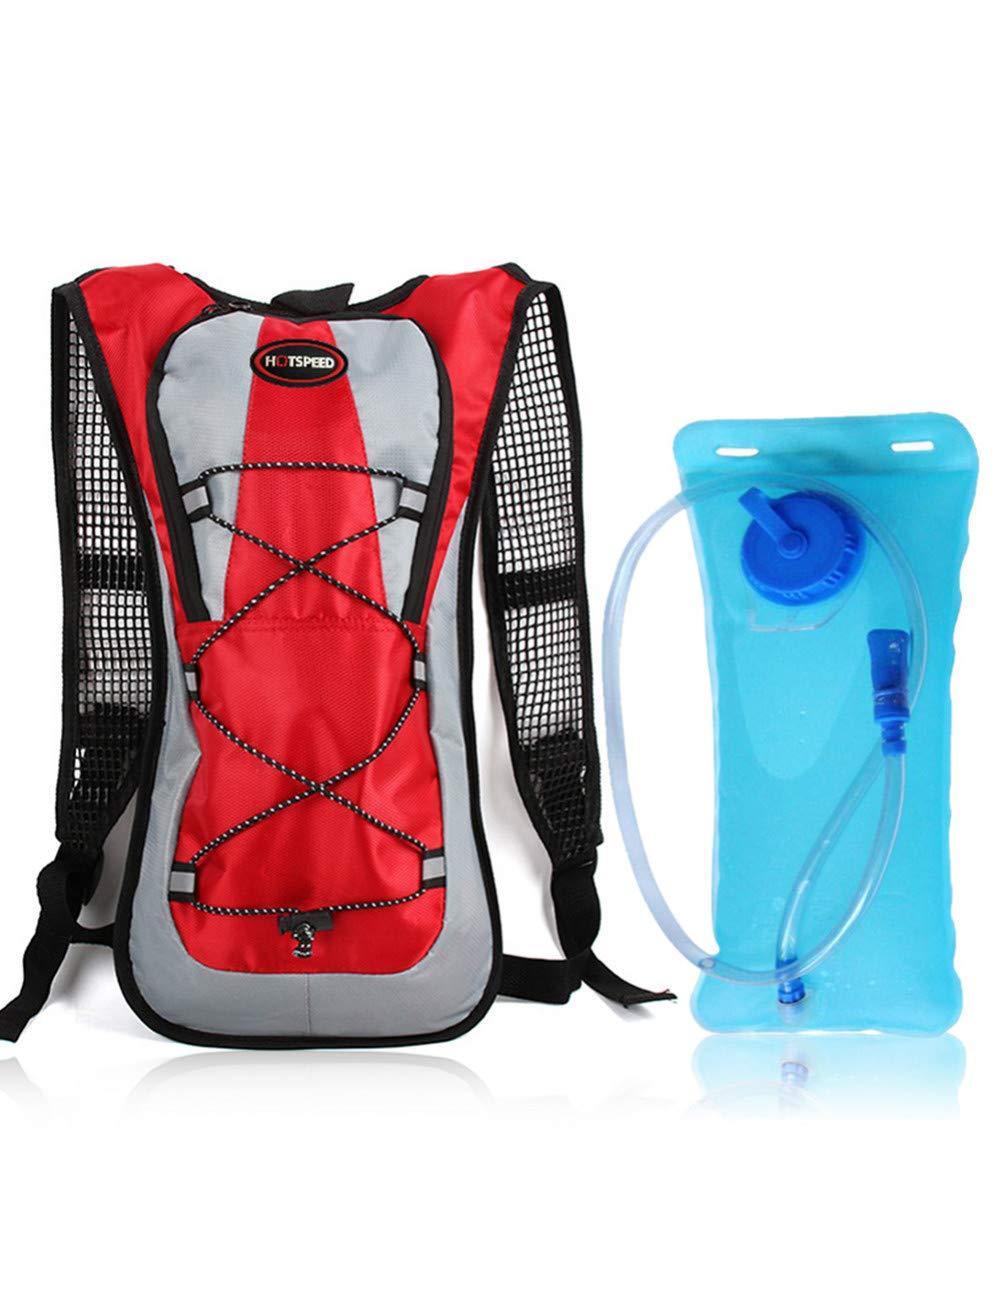 rouge and water sac  PDHD Sac à Dos Extérieur 5L Vélo Vélo Sac à Dos avec 2L Eau Vessie VTT Sports en Plein Air Sac à Dos Hydratation Sac d'eau